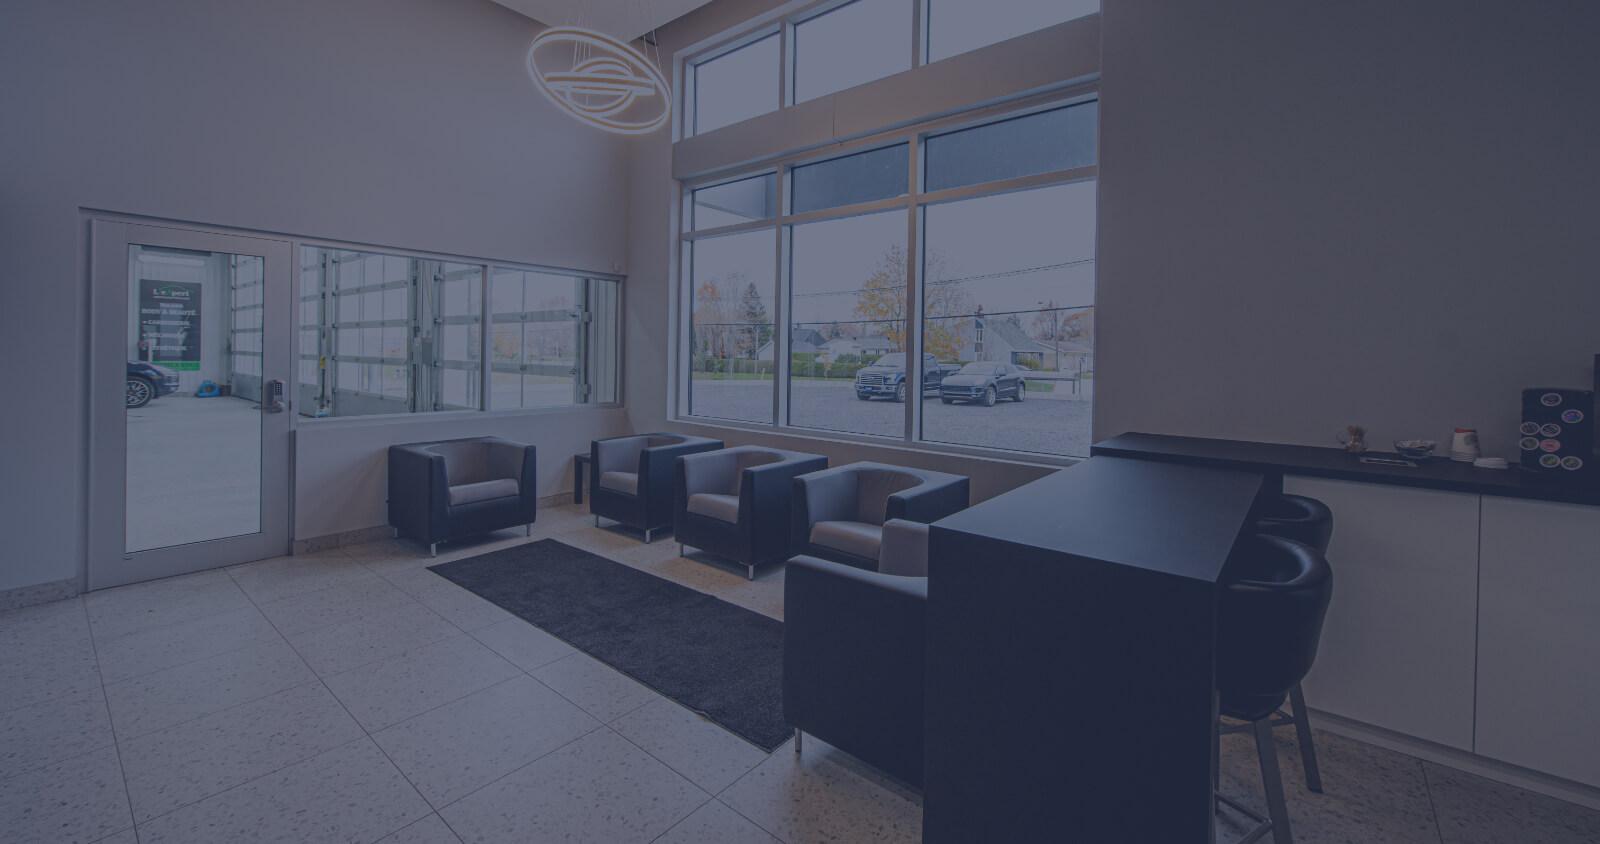 L'Expert Carrossier - Salle d'attente avec fauteuils et comptoir lunch / Cafés